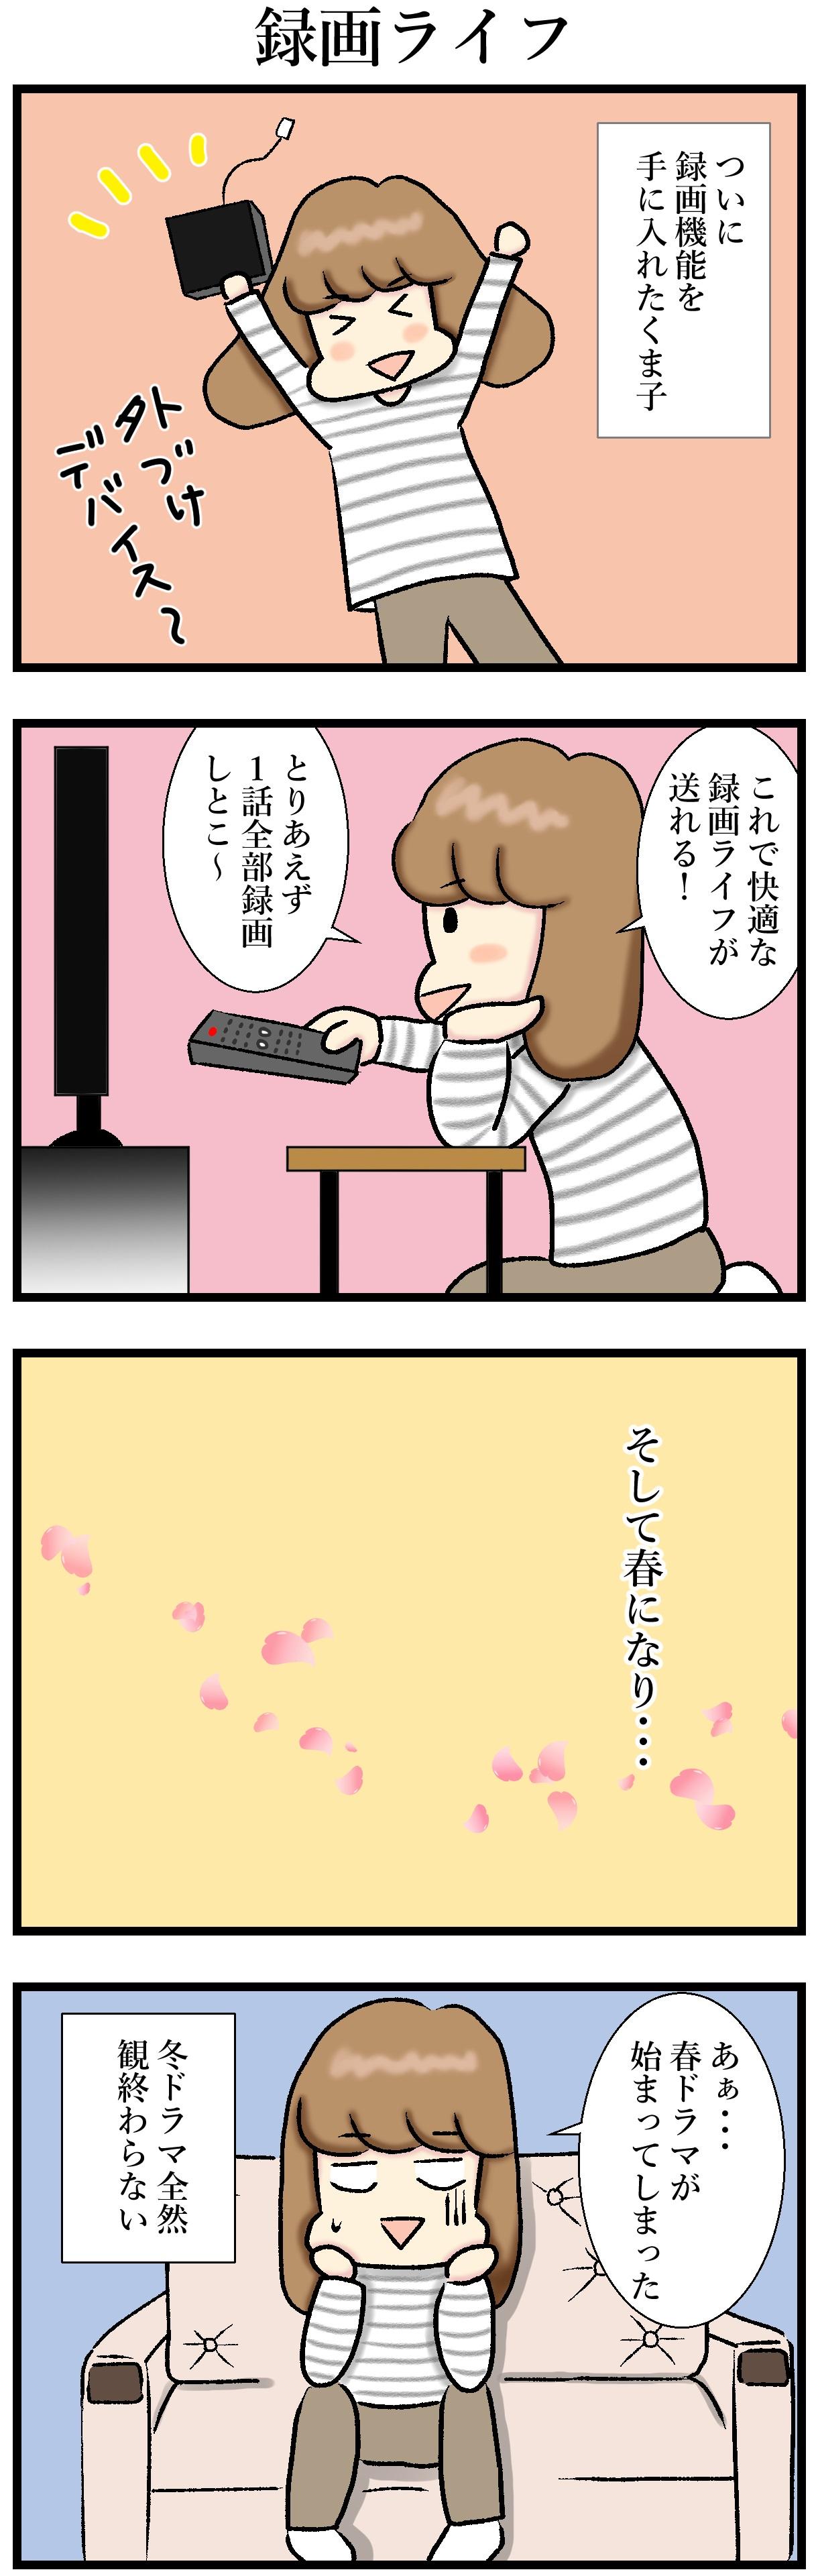 【エッセイ漫画】アラサー主婦くま子のふがいない日常(10)